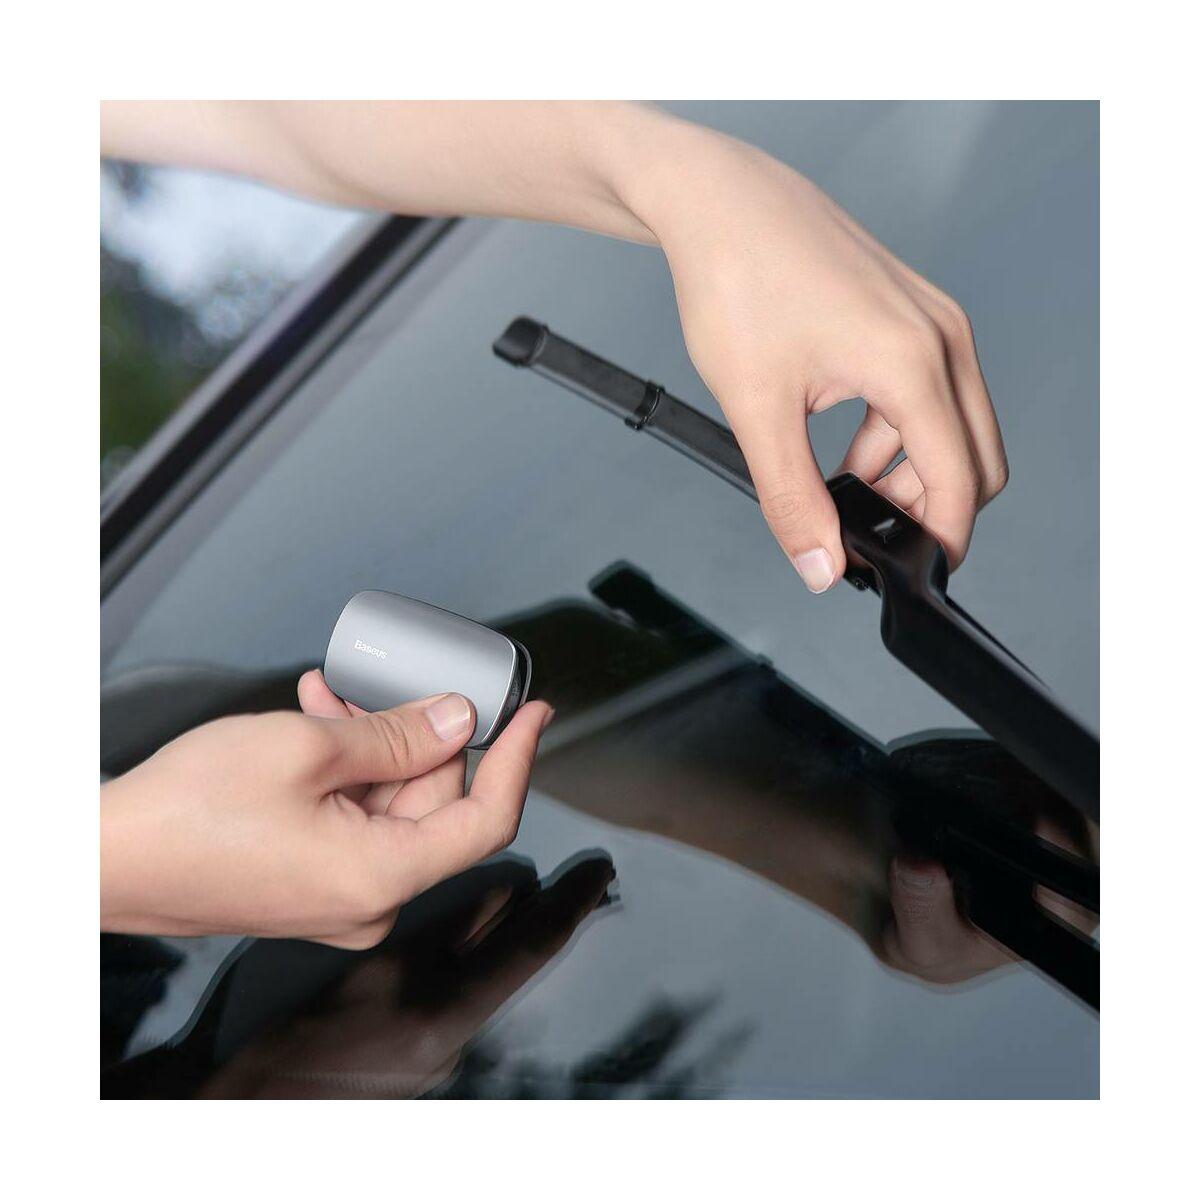 Baseus autós kiegészítő, Rain Wing Személyautó és kamion ablaktörlő lapát élező, alumínium ötvözet, fekete (CRXFQ-0A)